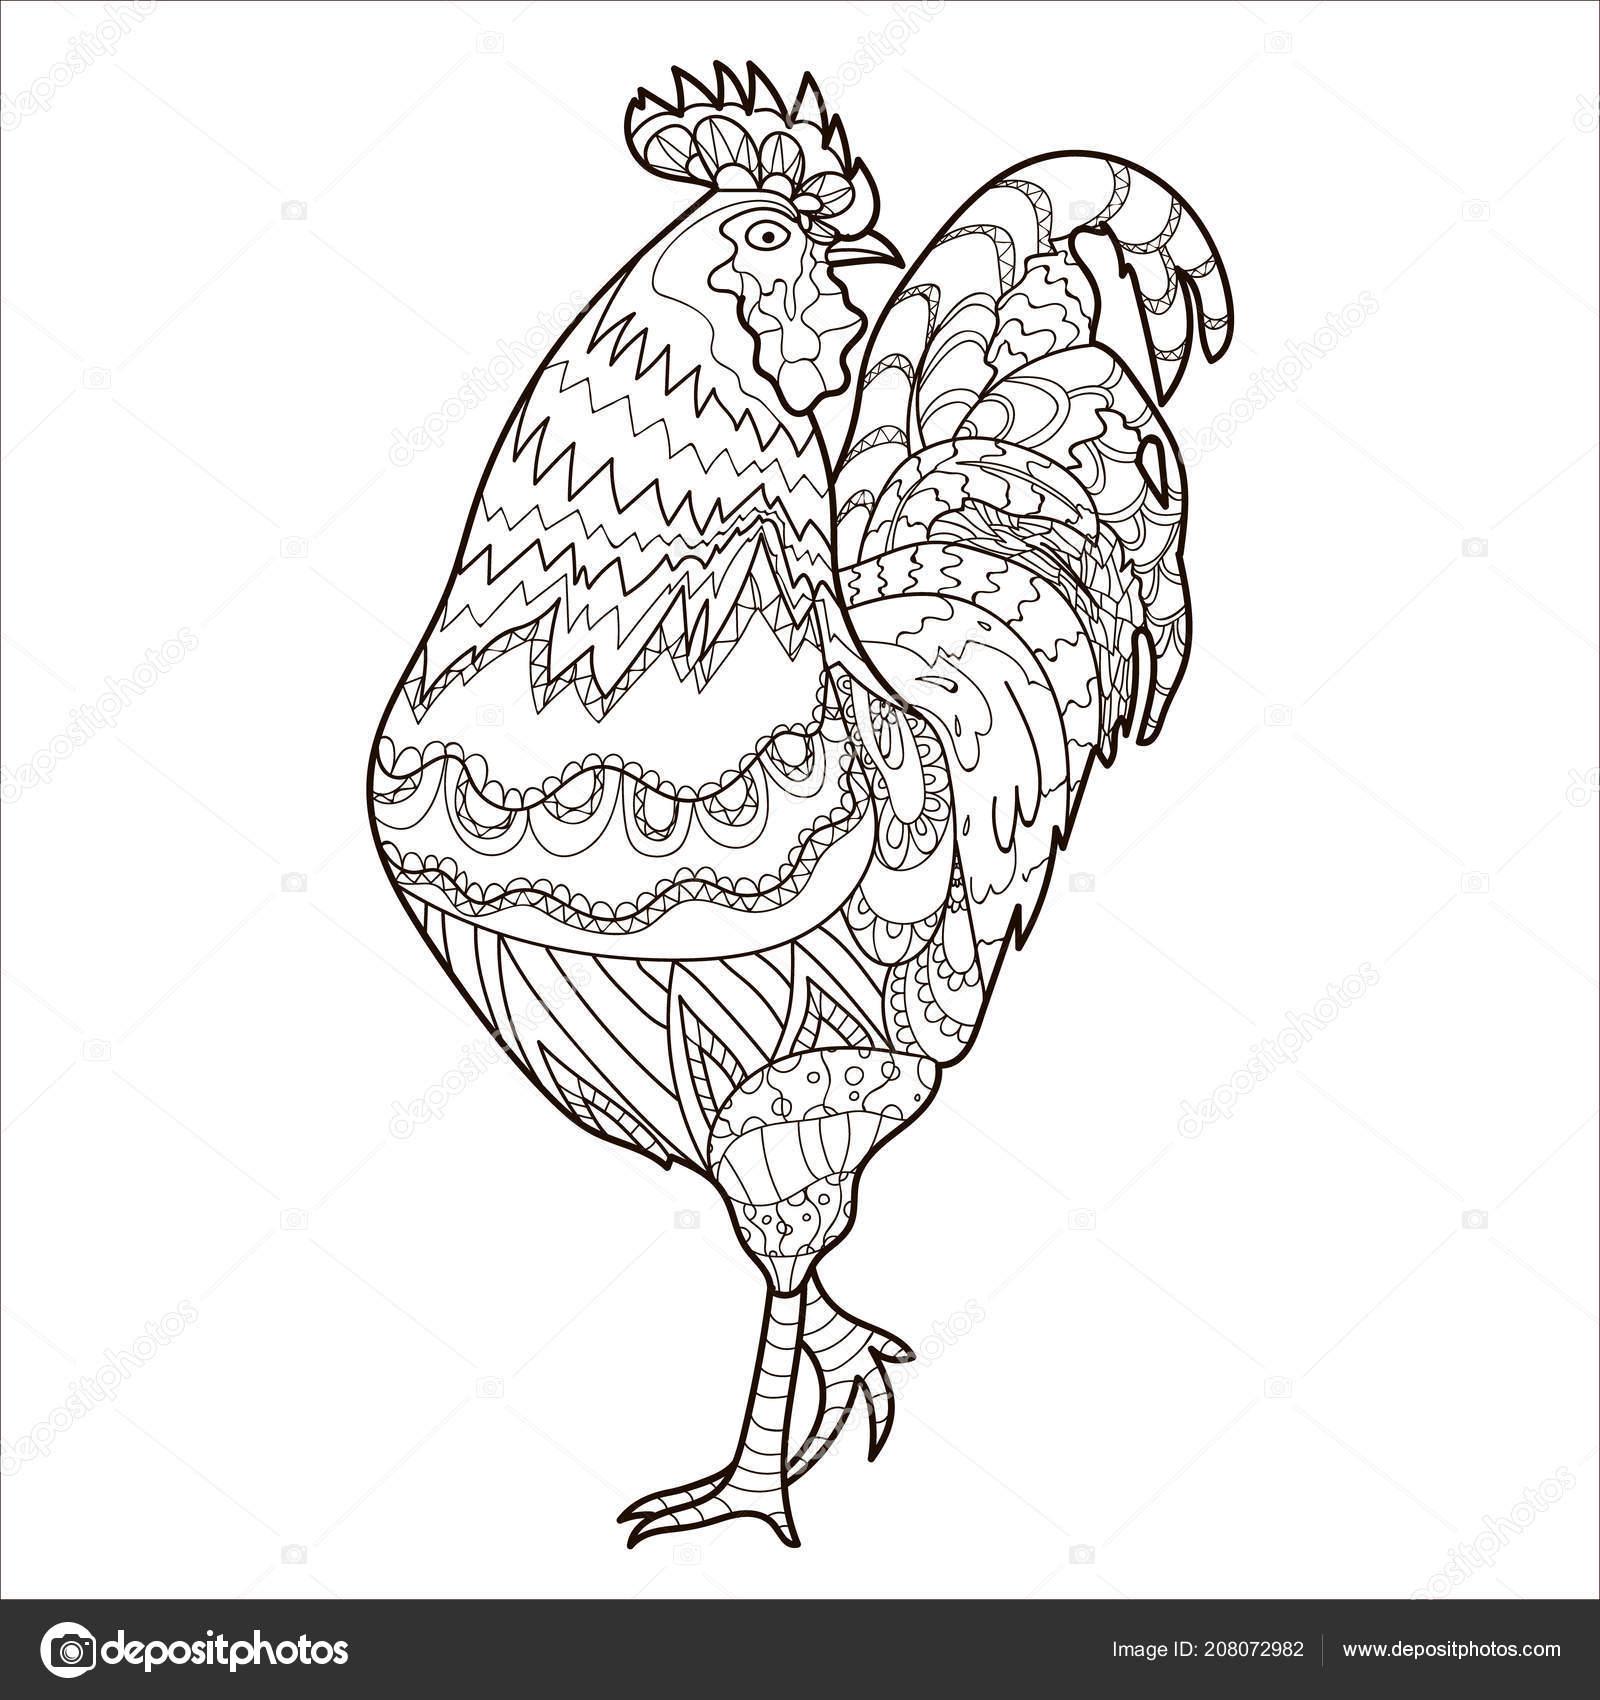 Horoz Boyama Sayfası Boyama Kitabı Tavuk Desen Vektör Stok Vektör